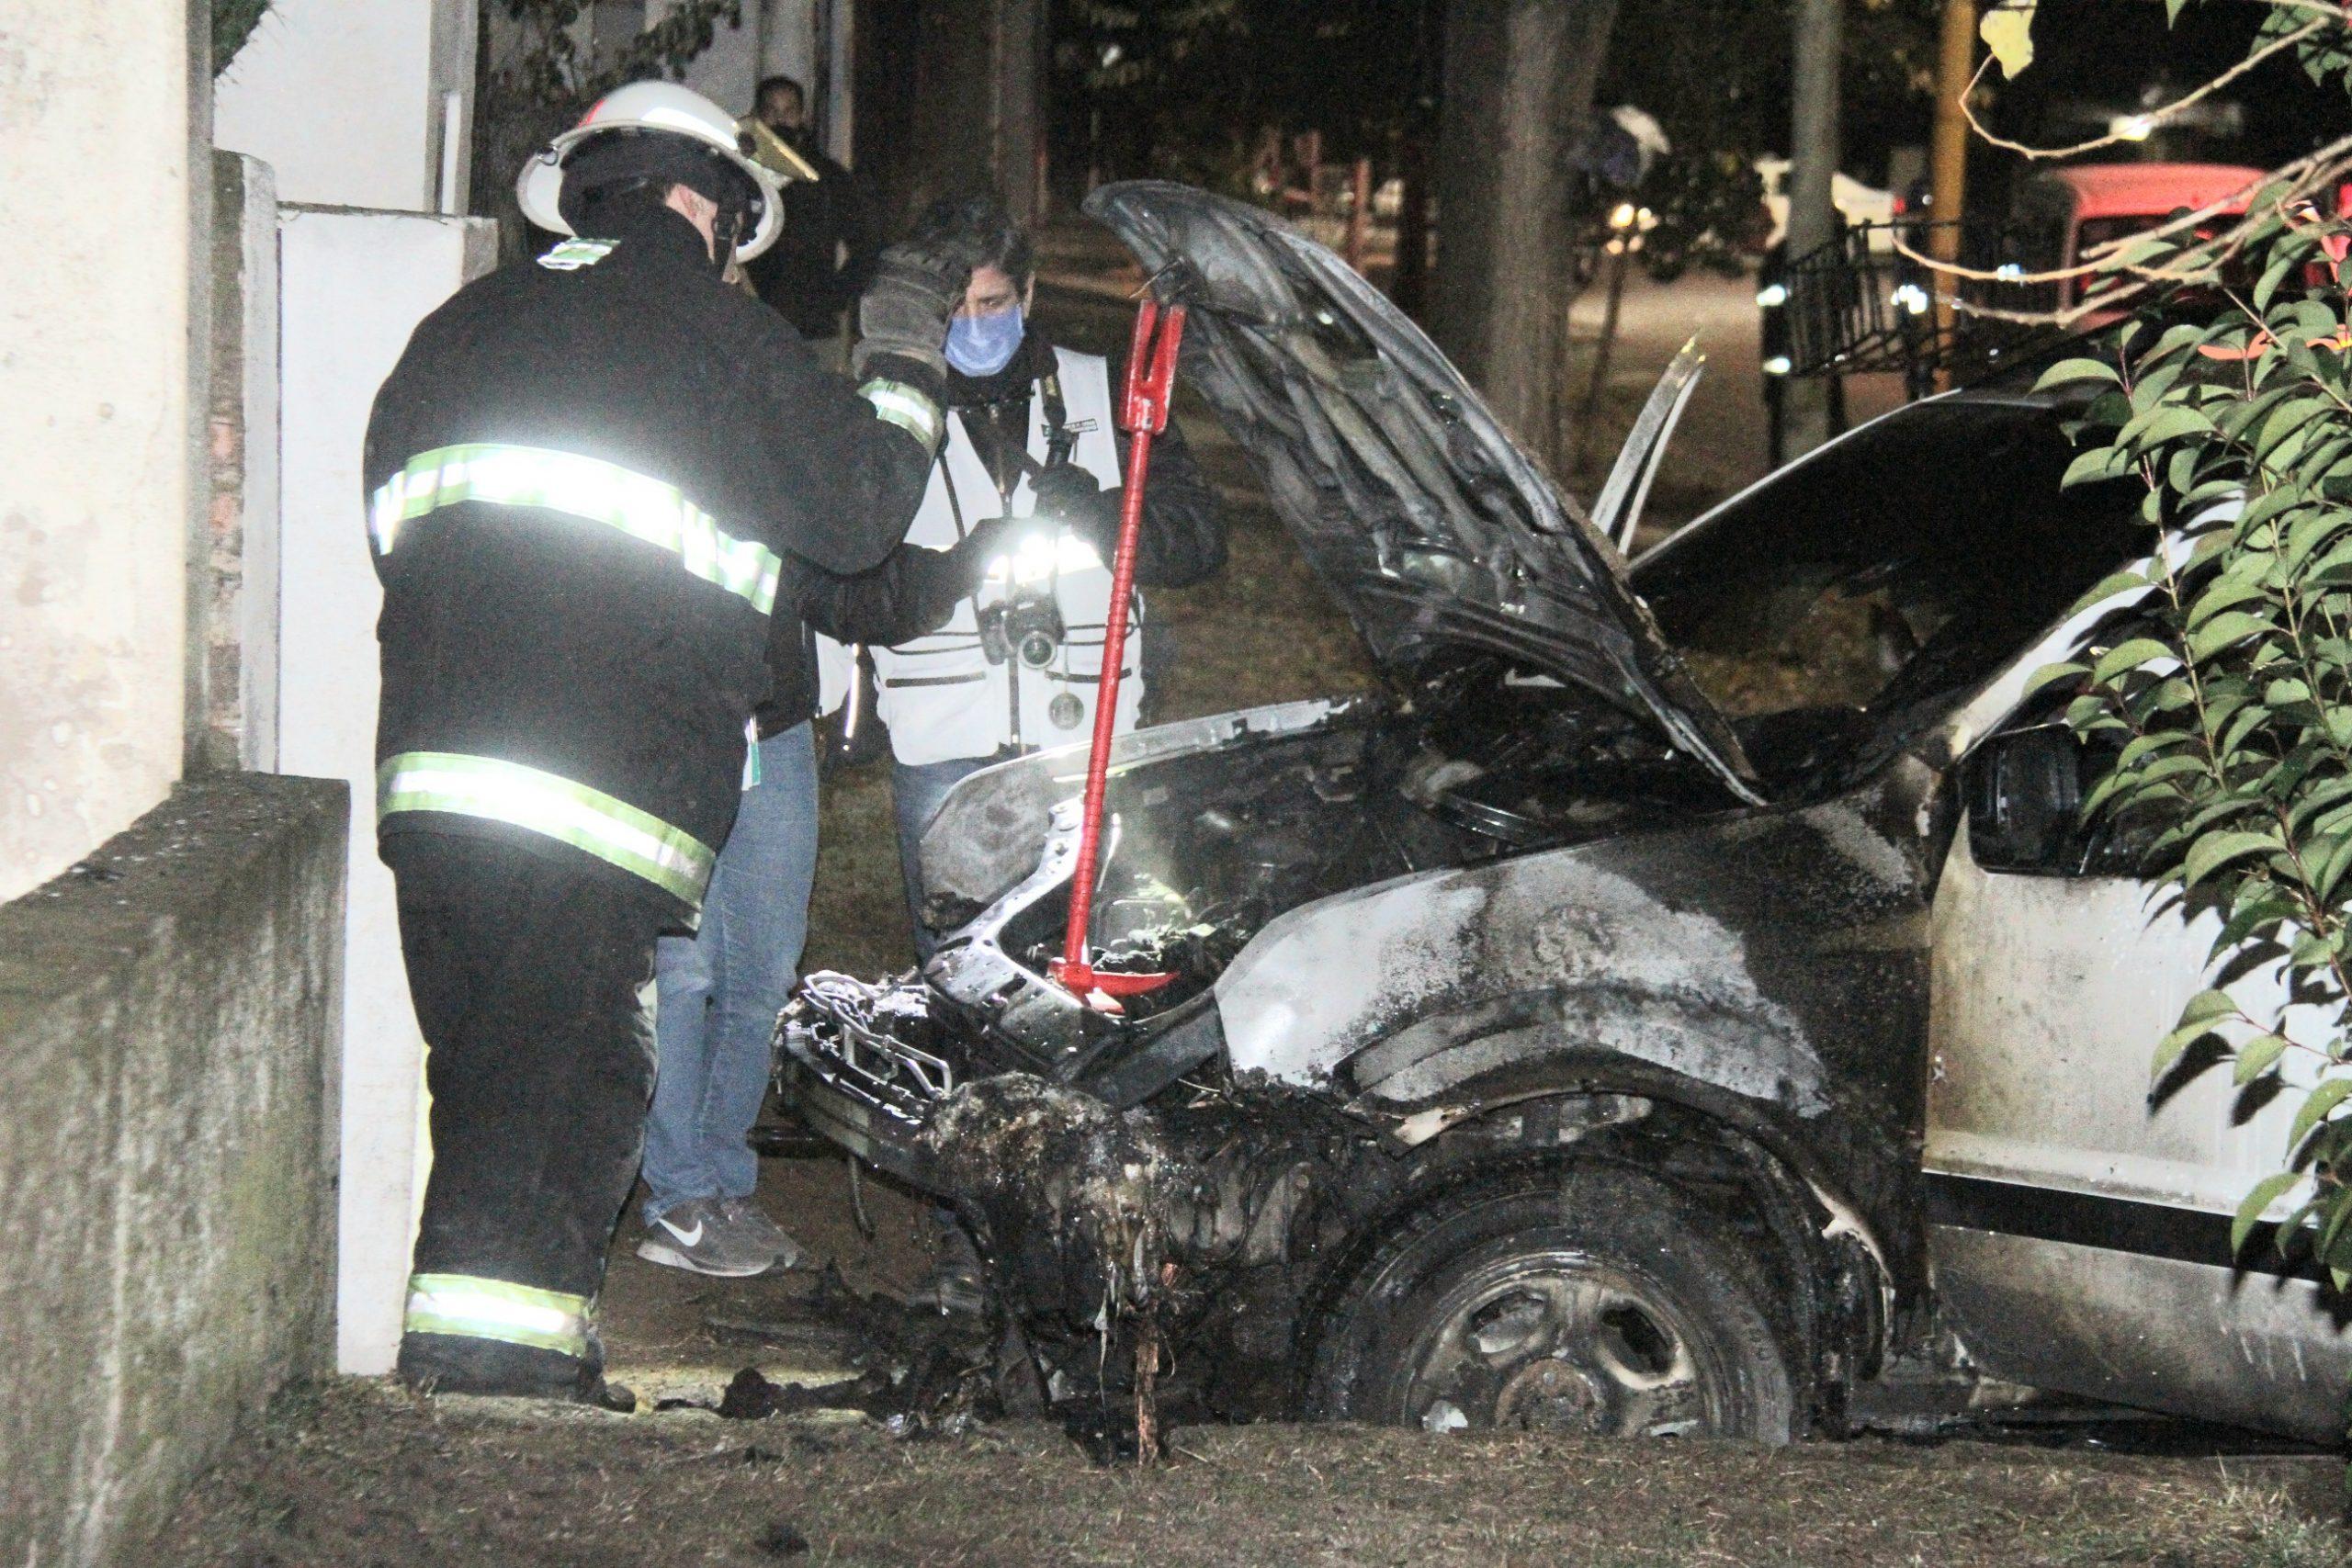 Investigan si prendieron fuego intencionalmente una camioneta en horas de la madrugada